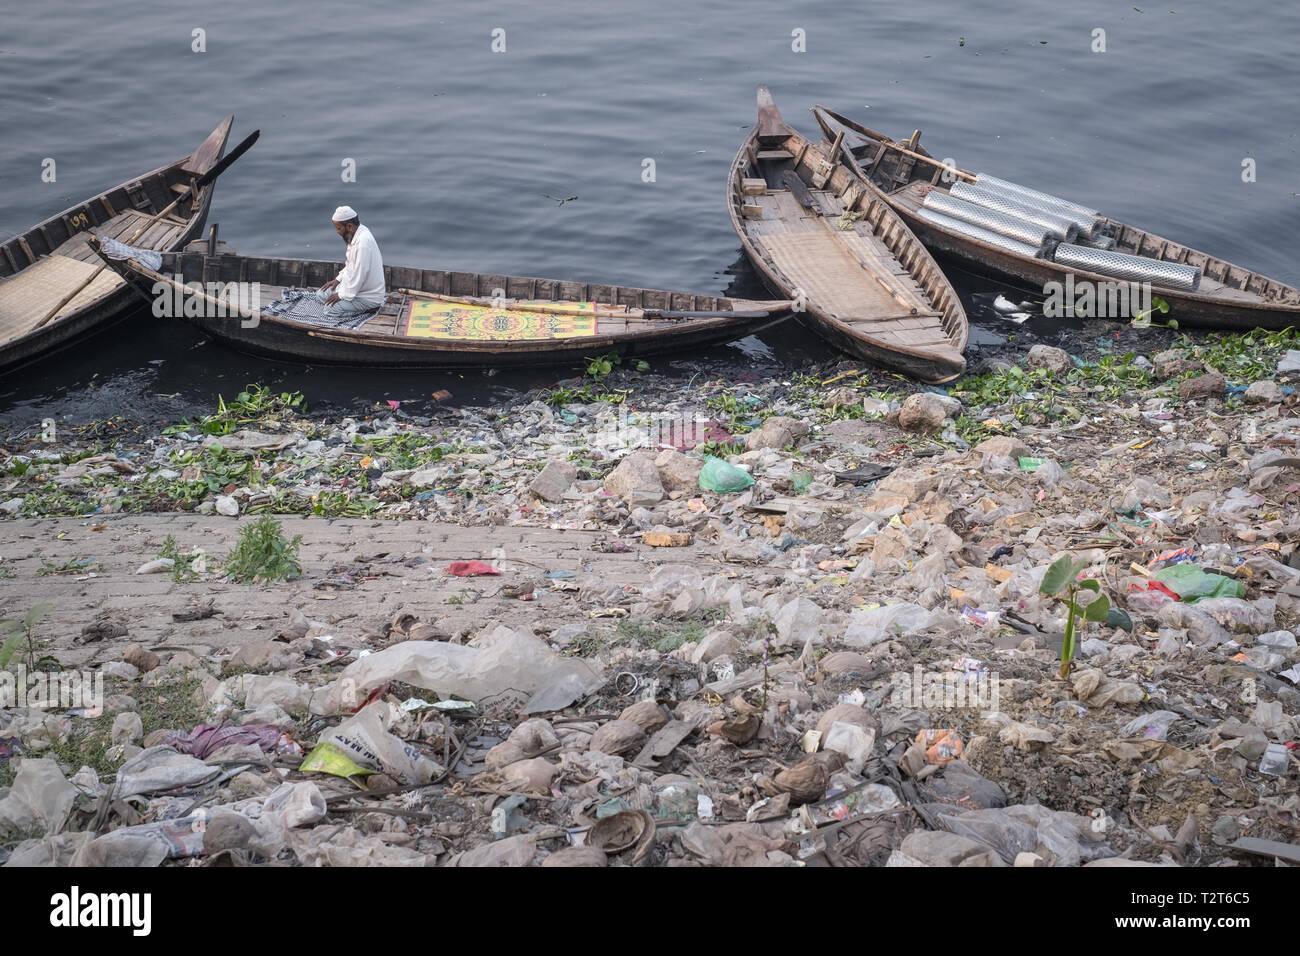 1 muslim man praying on the boat at polluted bank of Buriganga river, Zinzira district, Keraniganj, Dhaka, Bangladesh. - Stock Image